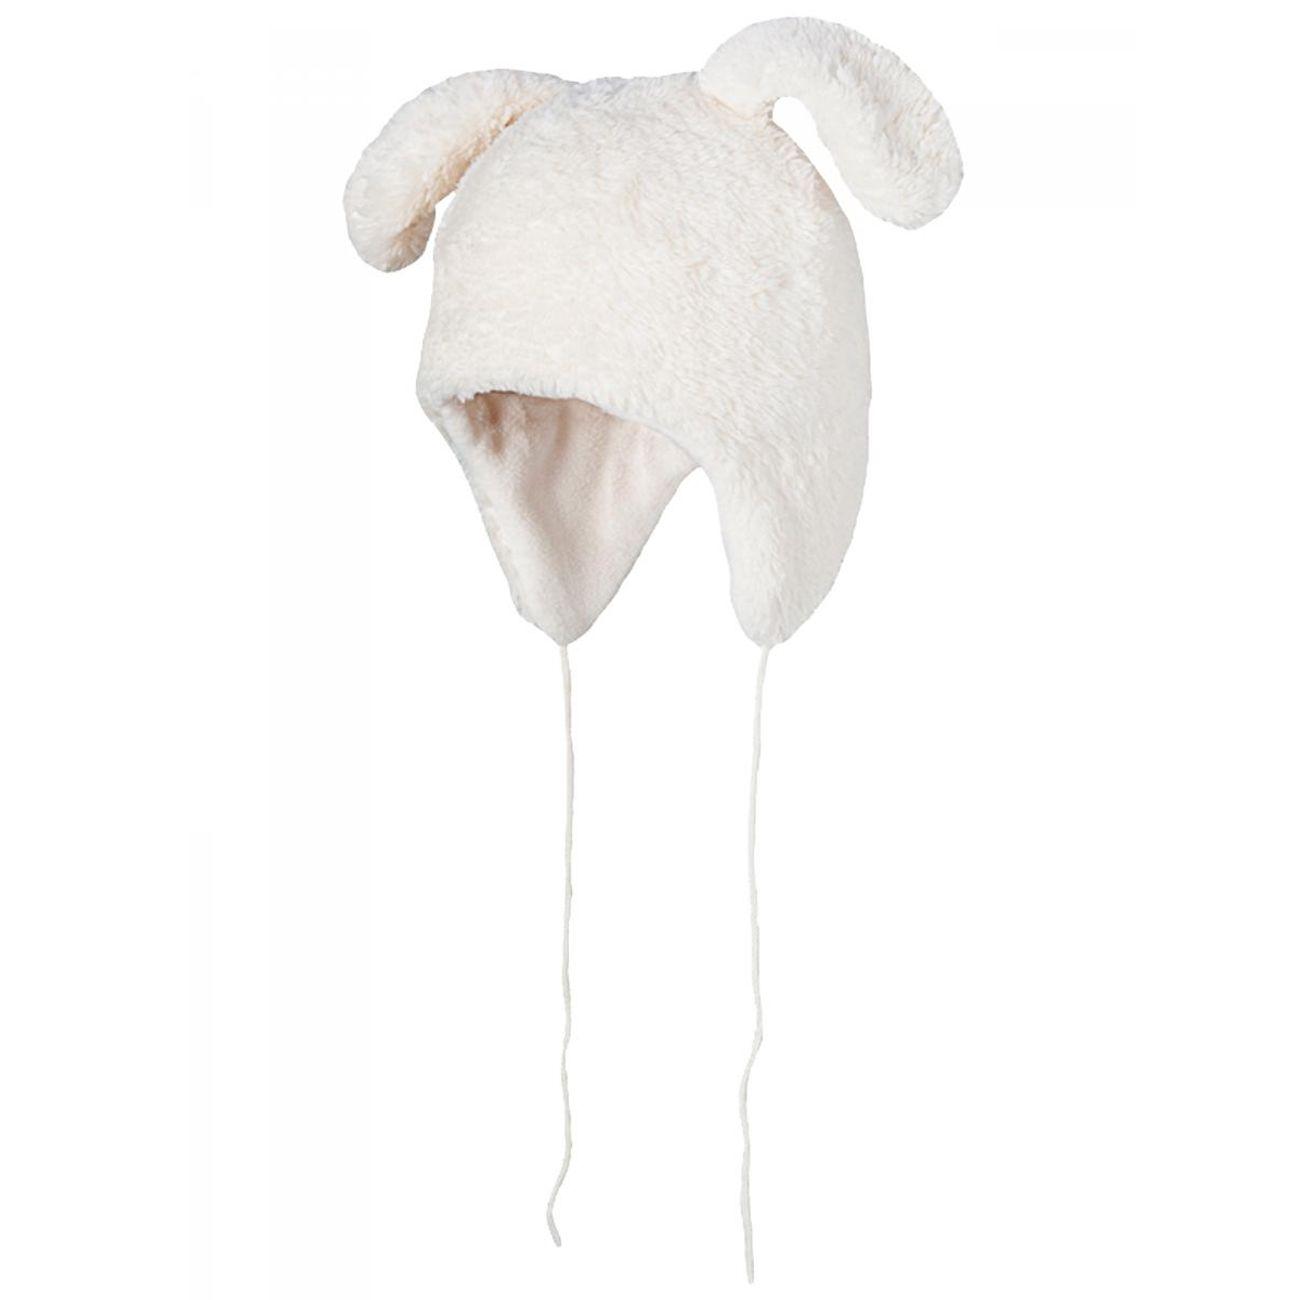 Ski Bébé BART'S BARTS-Chapka bébé fille blanc ivoire du 12 au 18 mois Barts